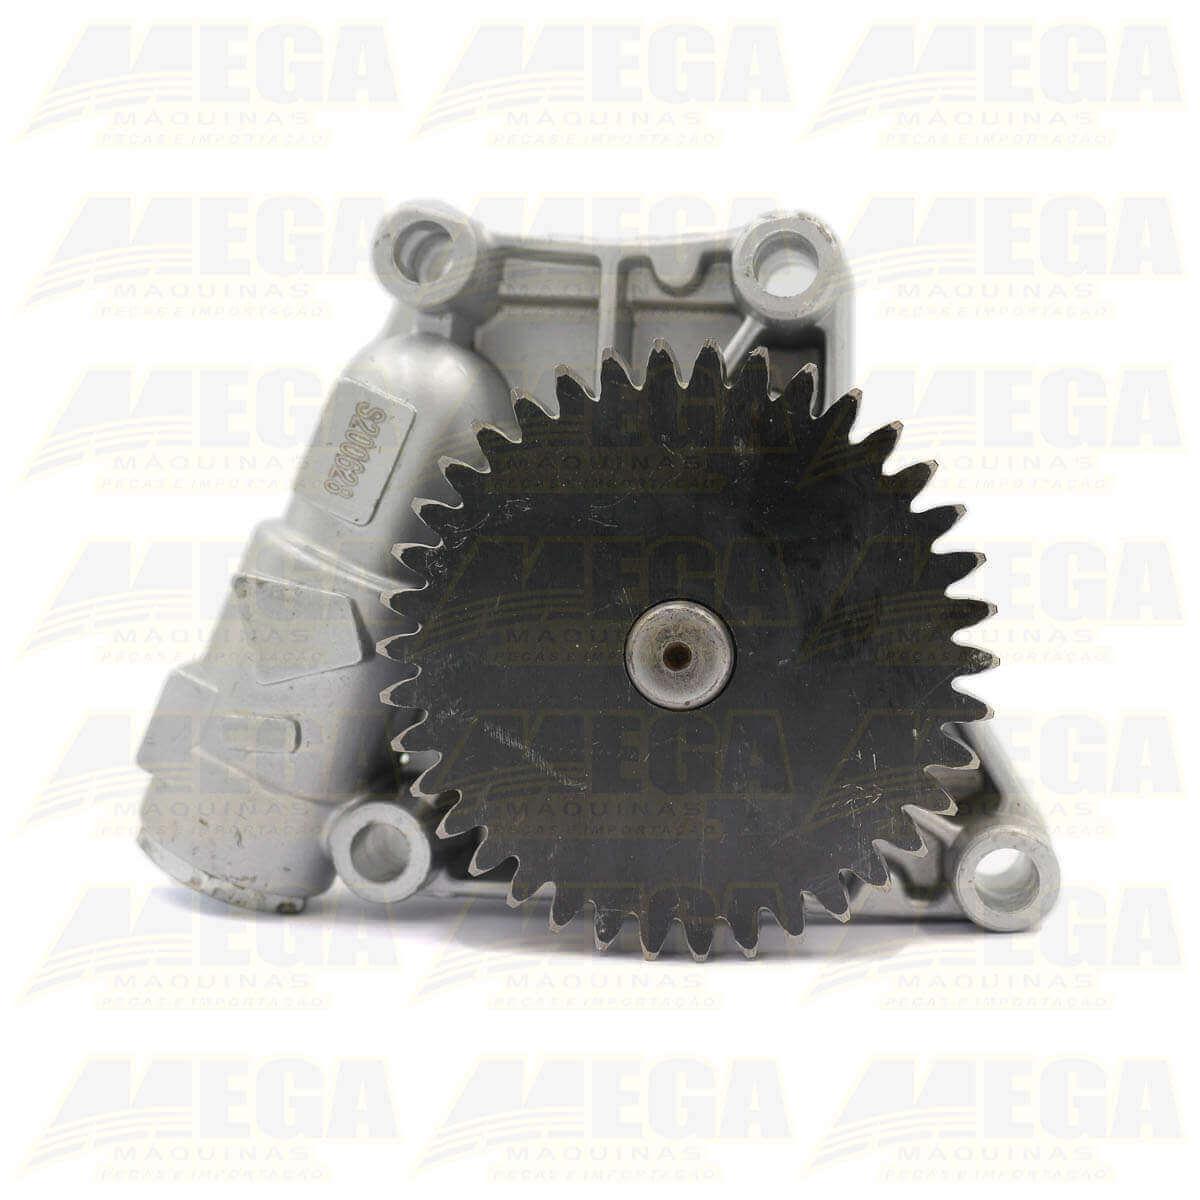 Bomba de Óleo do Motor DieselMax 444/448* - 320/04186